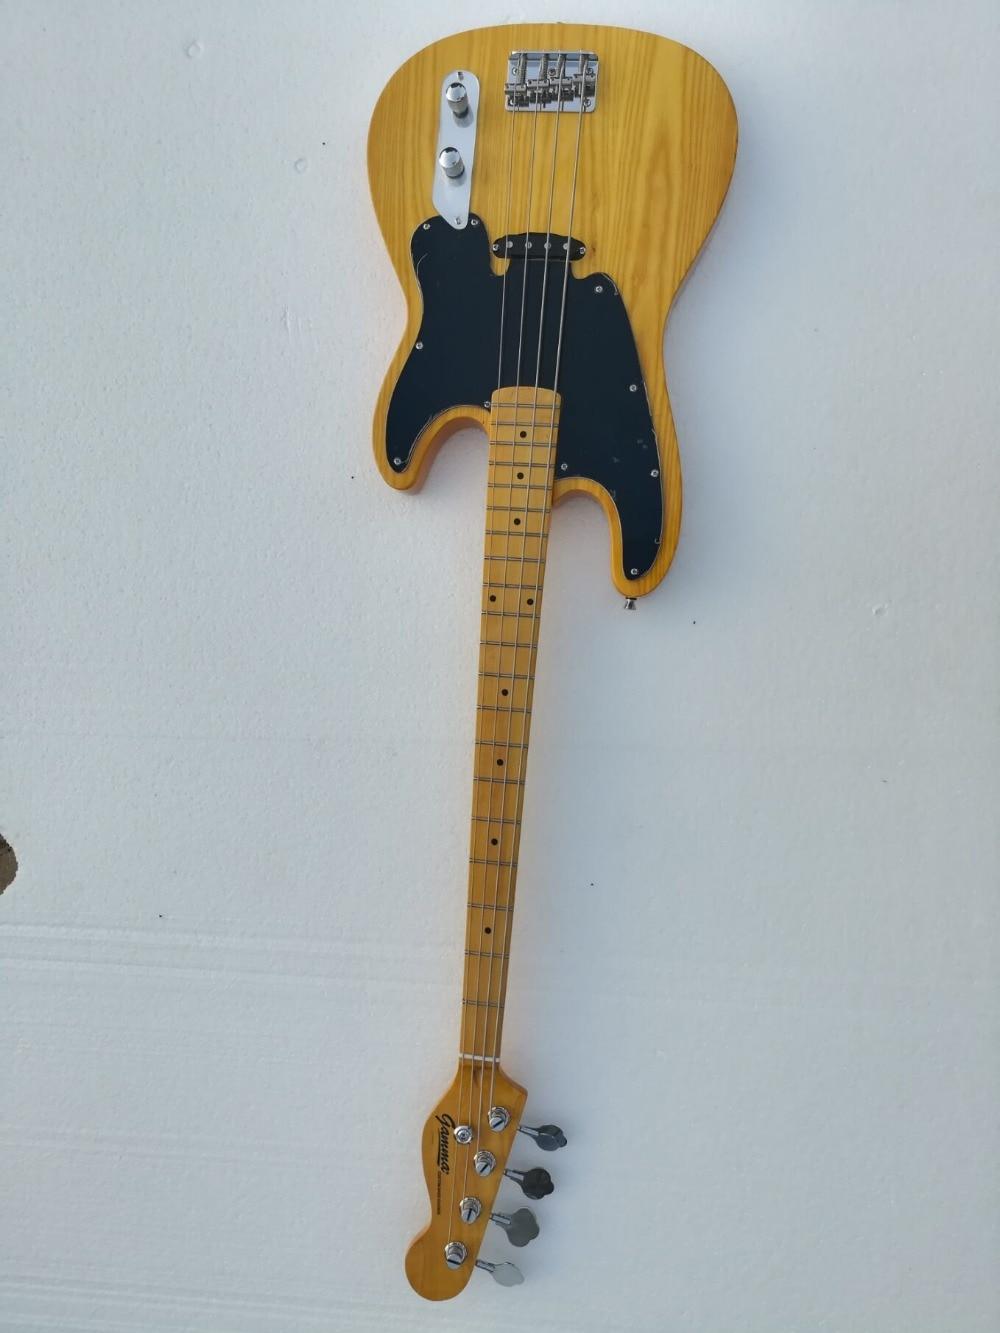 Usine gros haute qualité GYPB-6008 d'origine Cendres bois couleur manche érable Precision Bass Guitare, Livraison gratuite